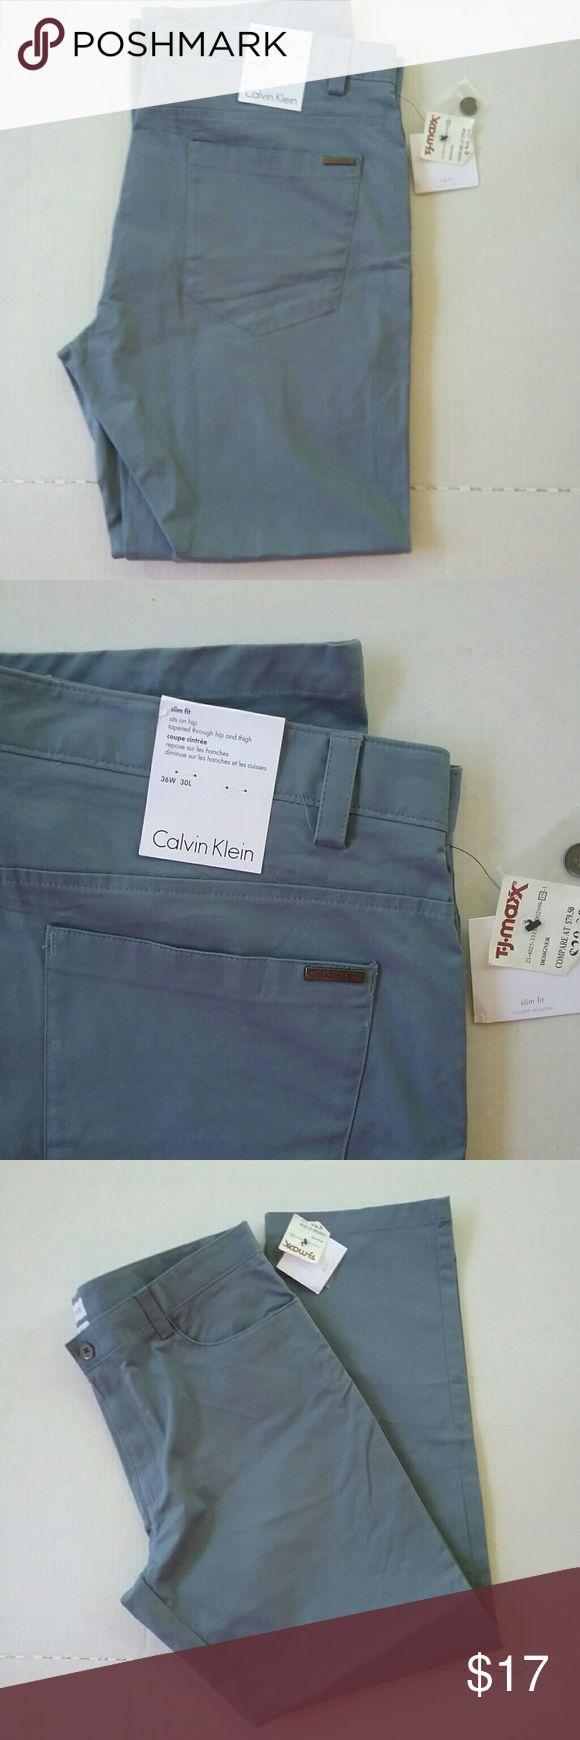 CALVIN Klein Steel Blue Pants Jeans Slim Fit 36X30 This is a pair of men's slim fit Calvin Klein pants. They are   steel blue color. They are size 36 30. They are new with tags. Calvin Klein Pants Chinos & Khakis